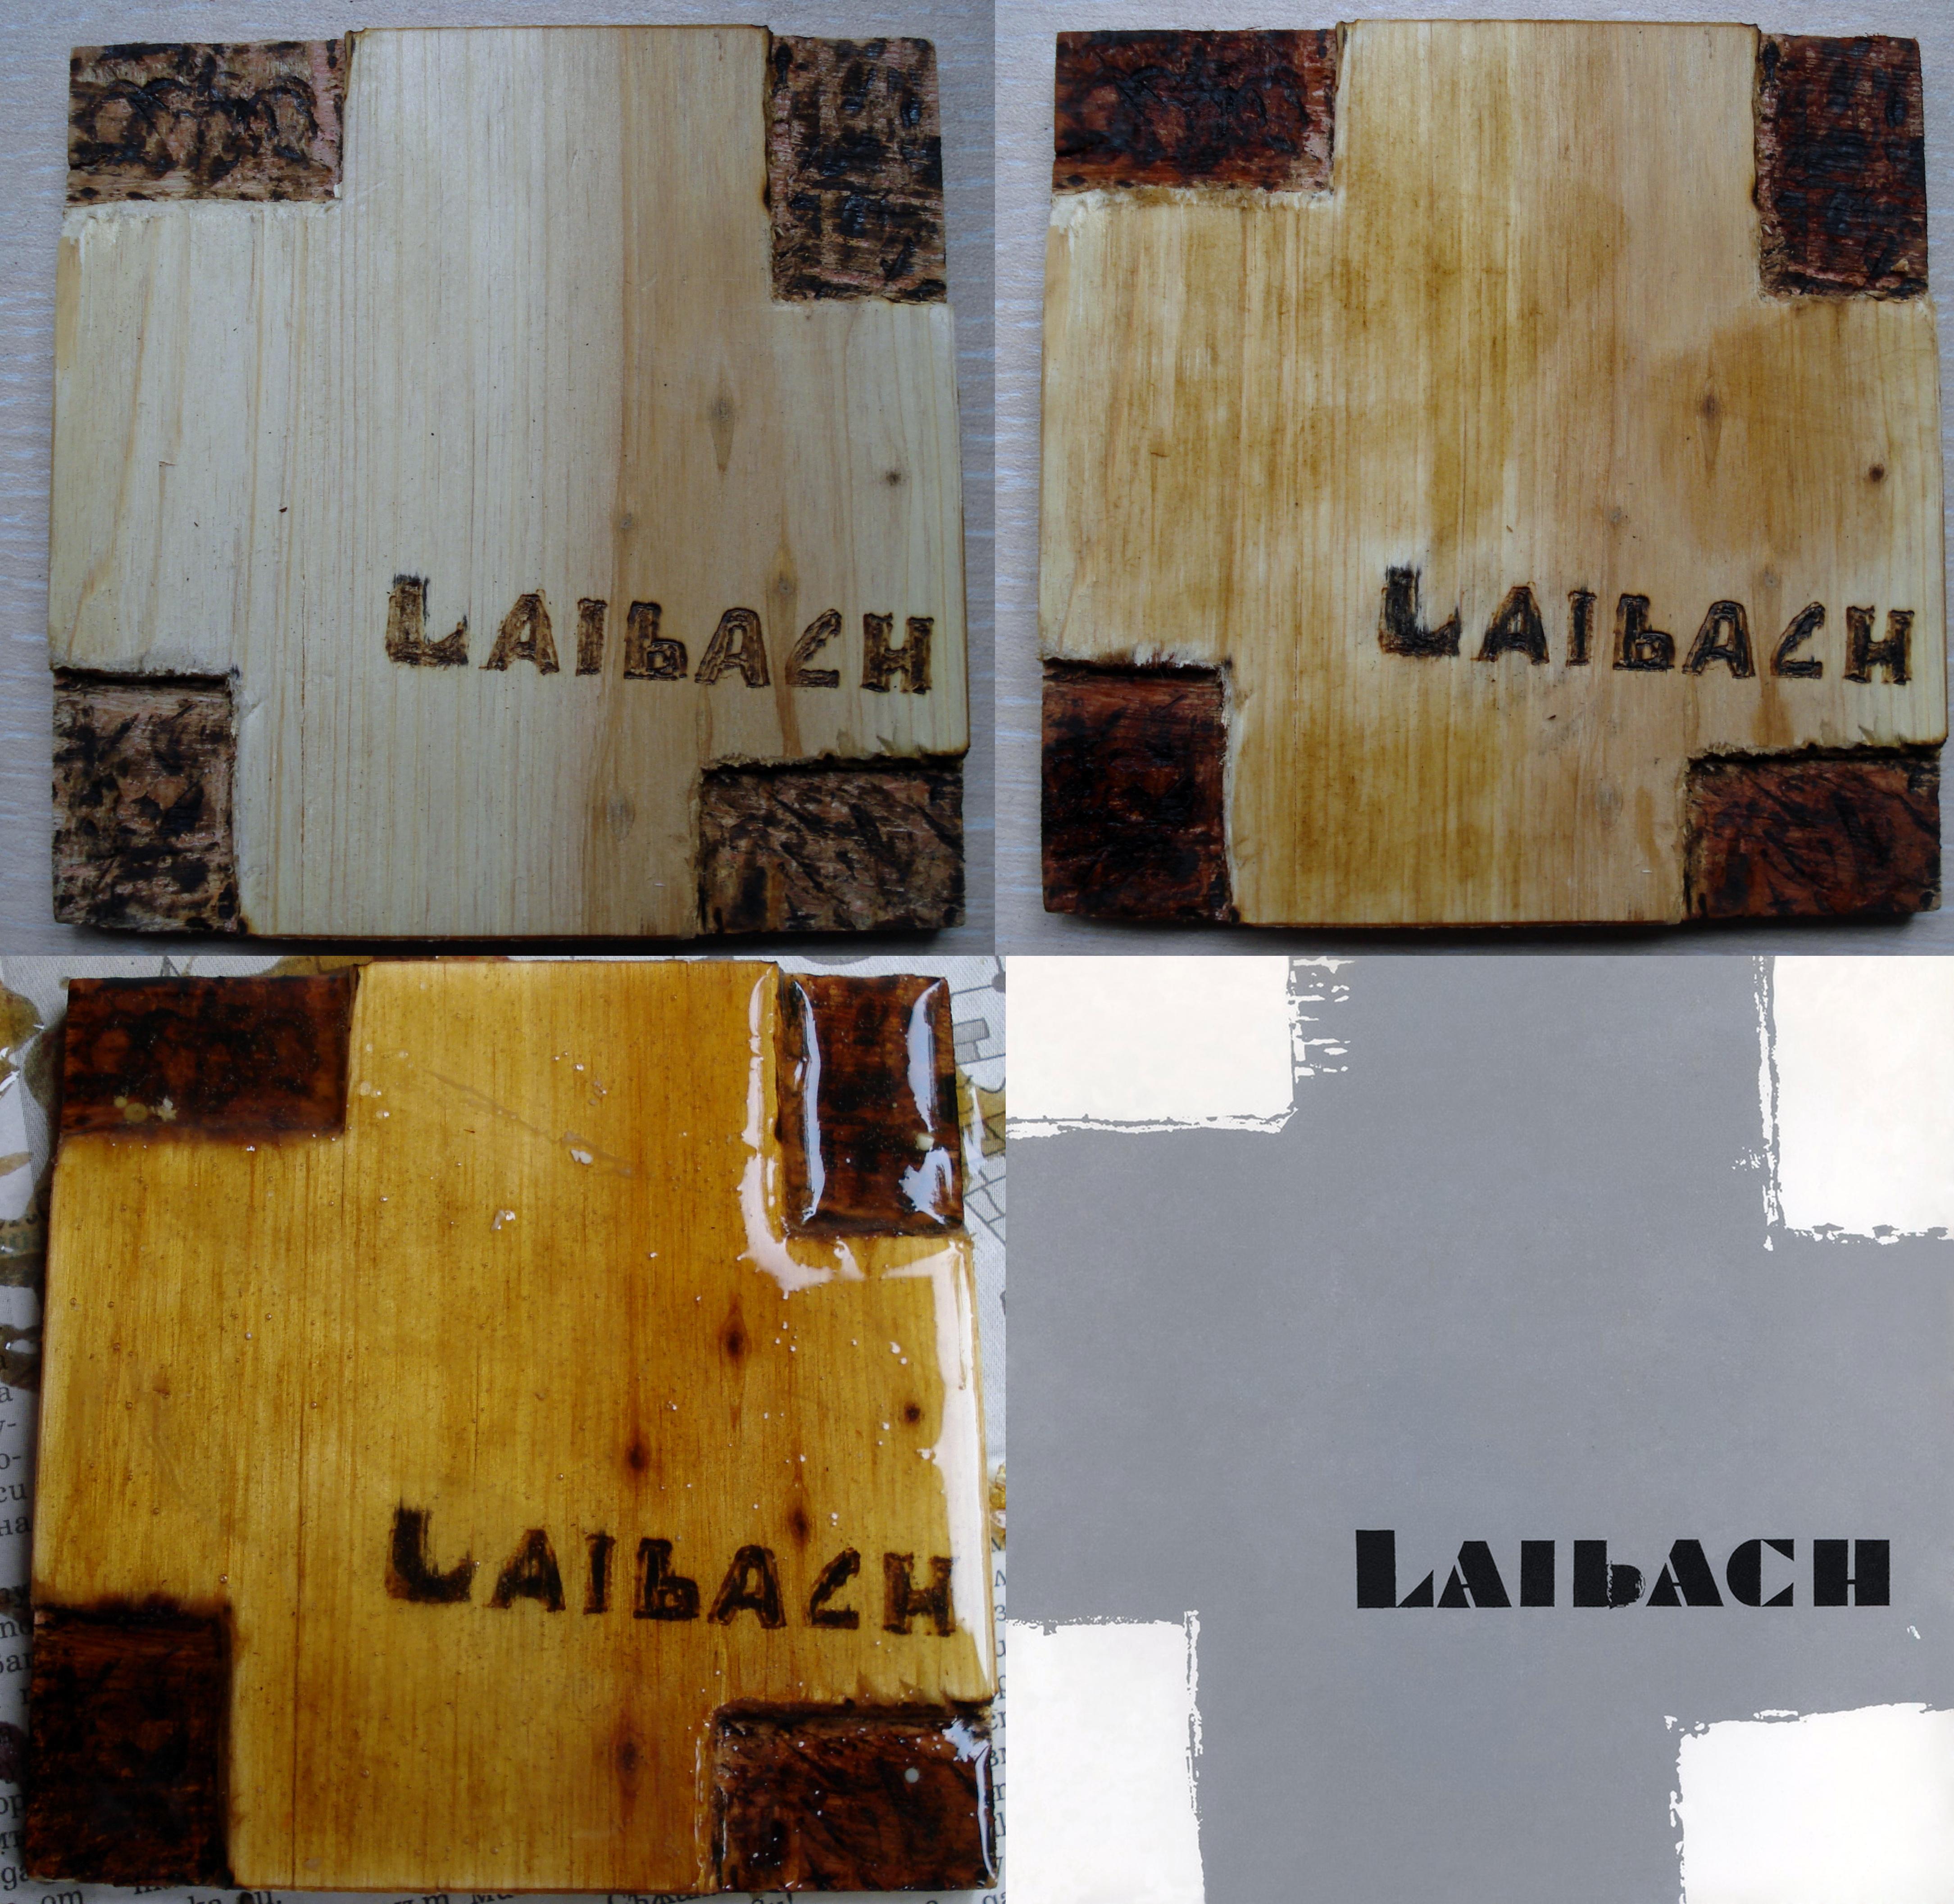 laibach4